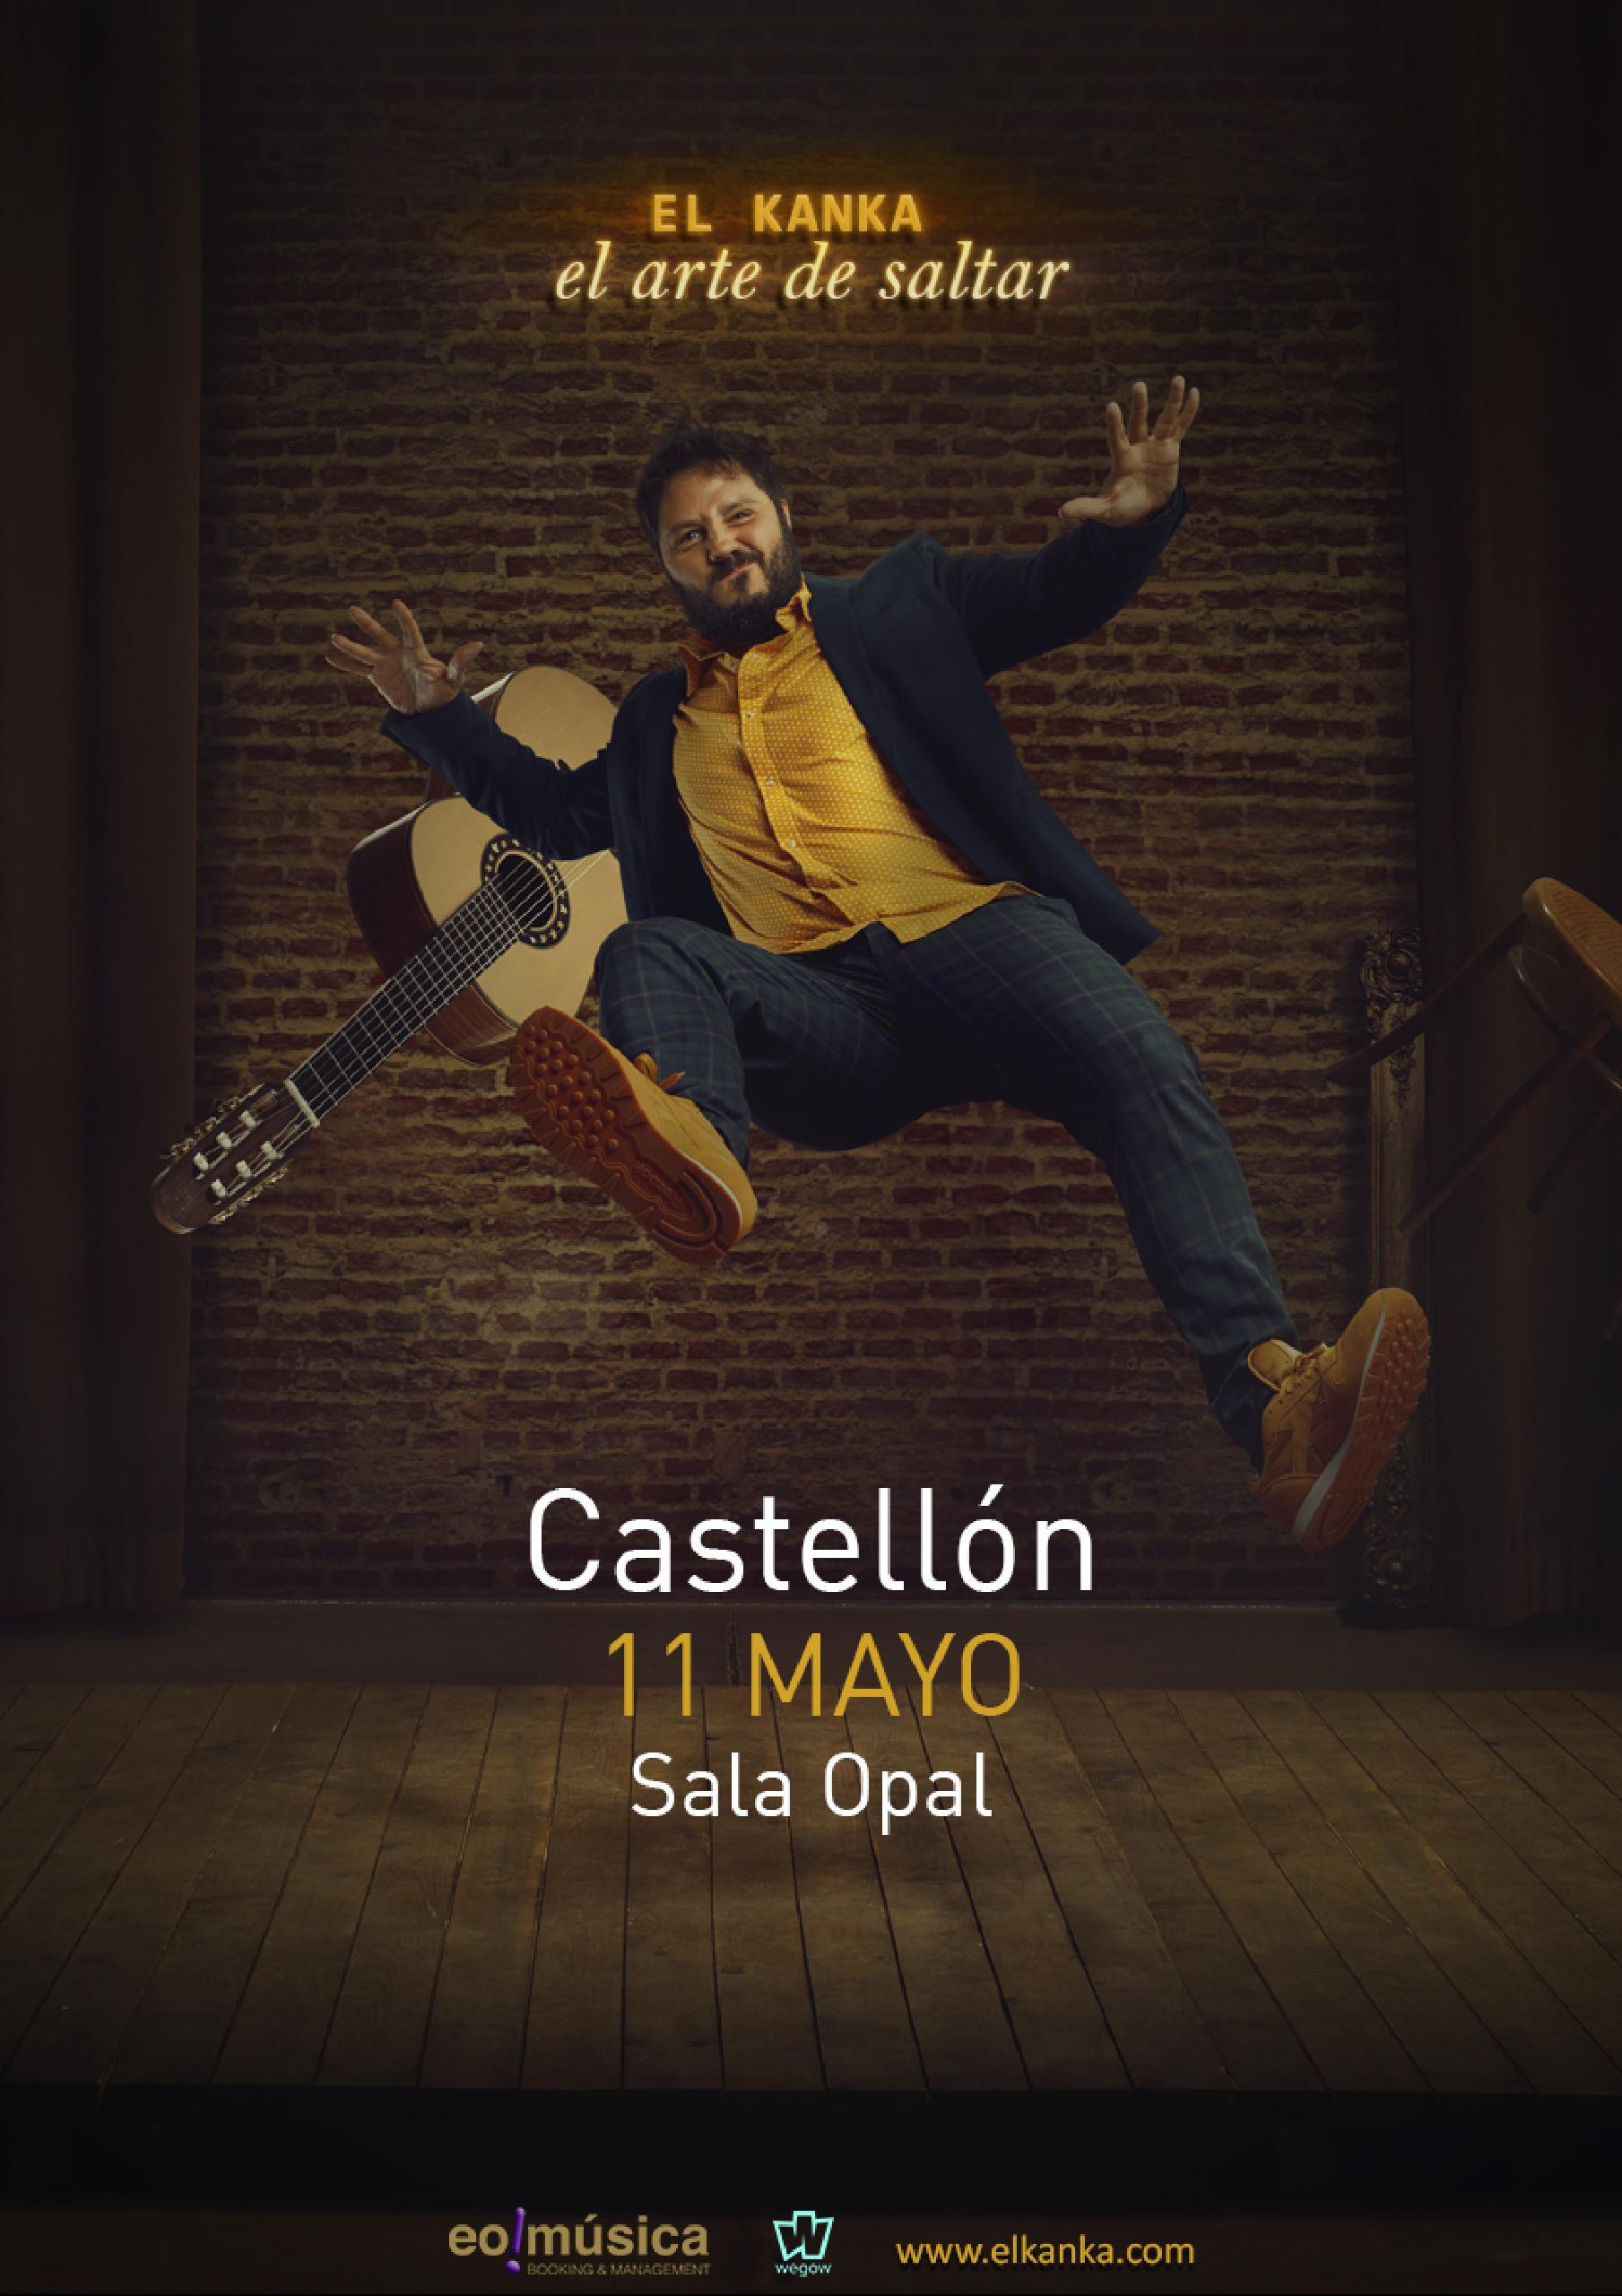 Concierto de El Kanka en CASTELLÓN